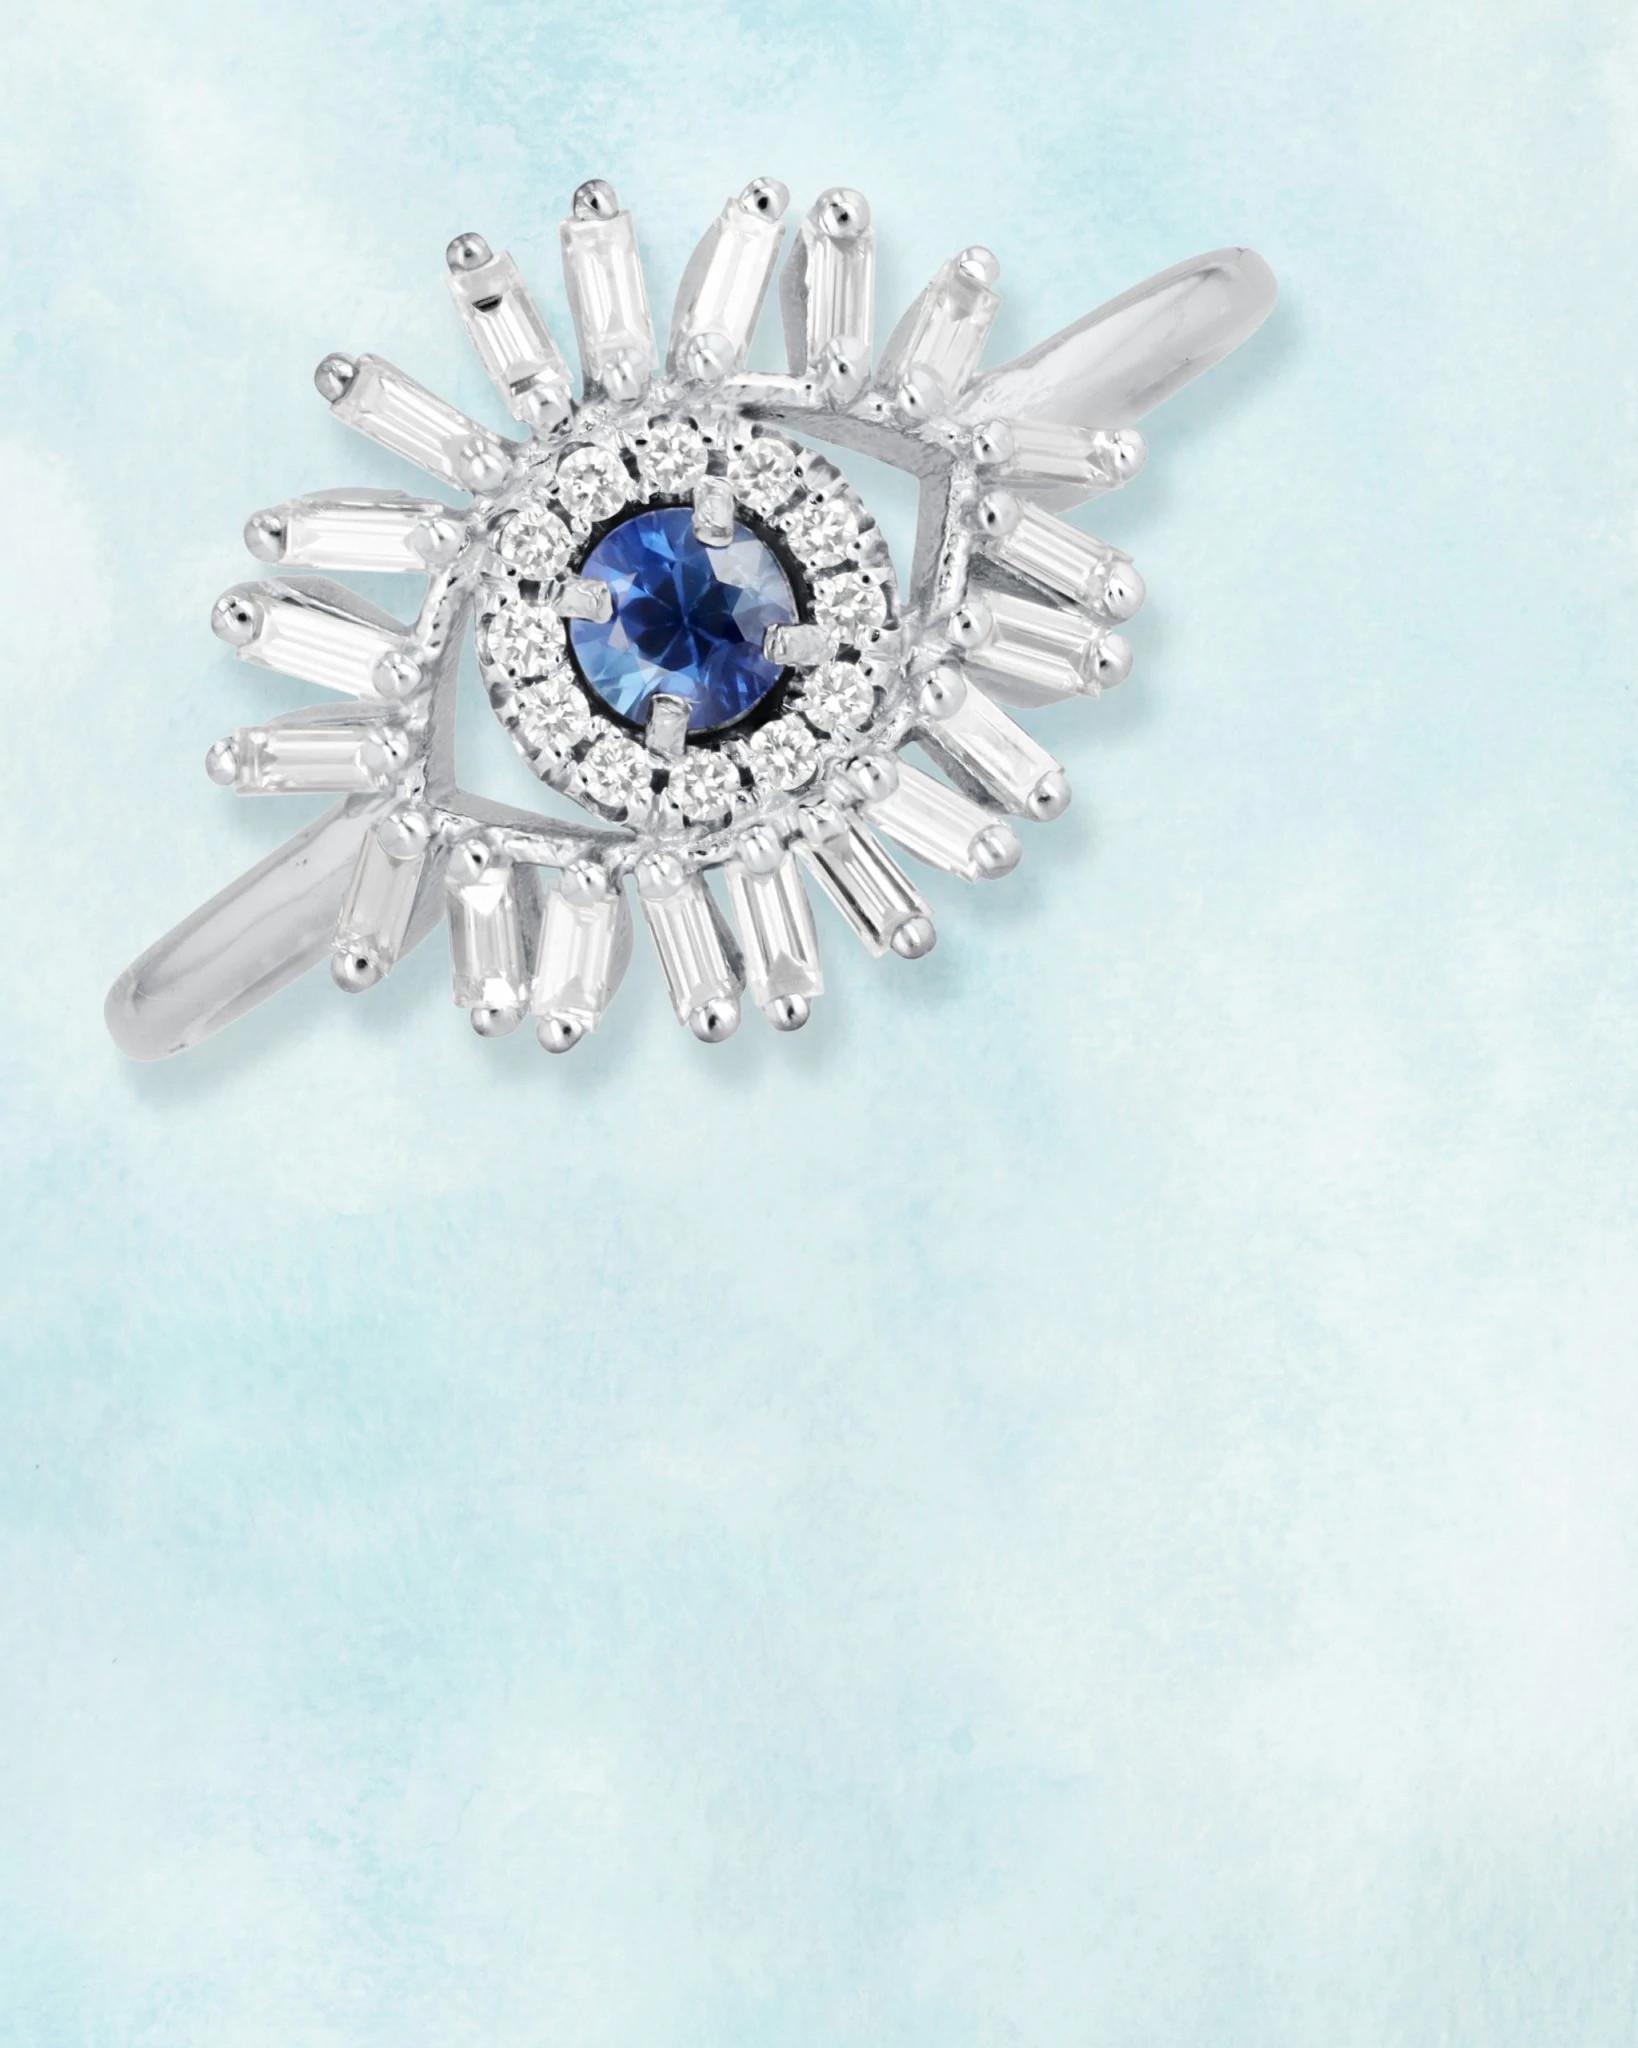 苏珊娜·卡兰设计的天然钻石饰品